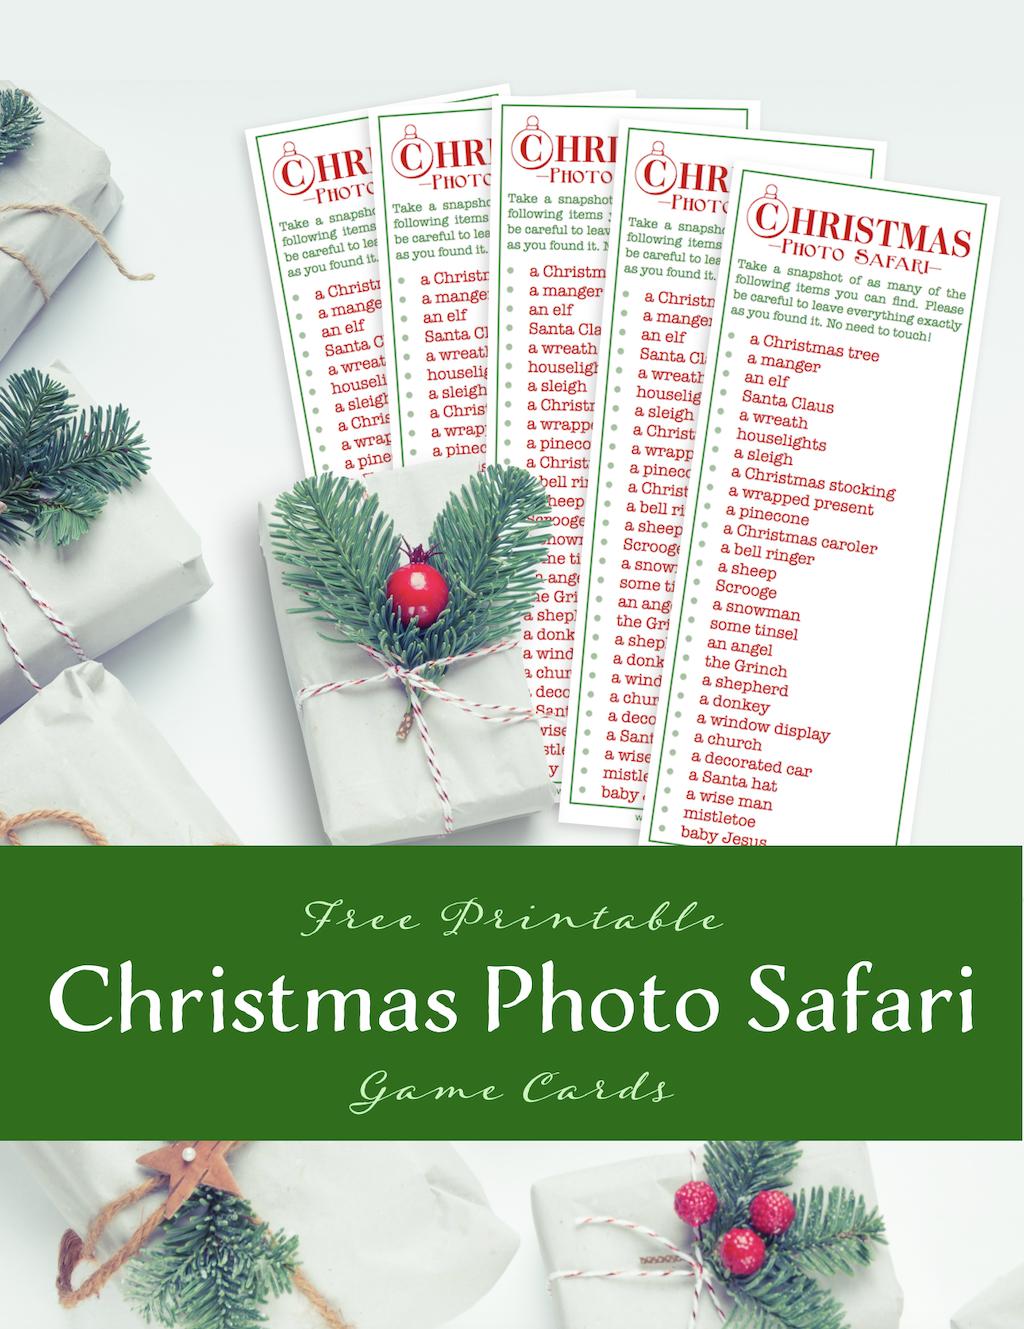 Free Christmas Photo Safari Game Cards